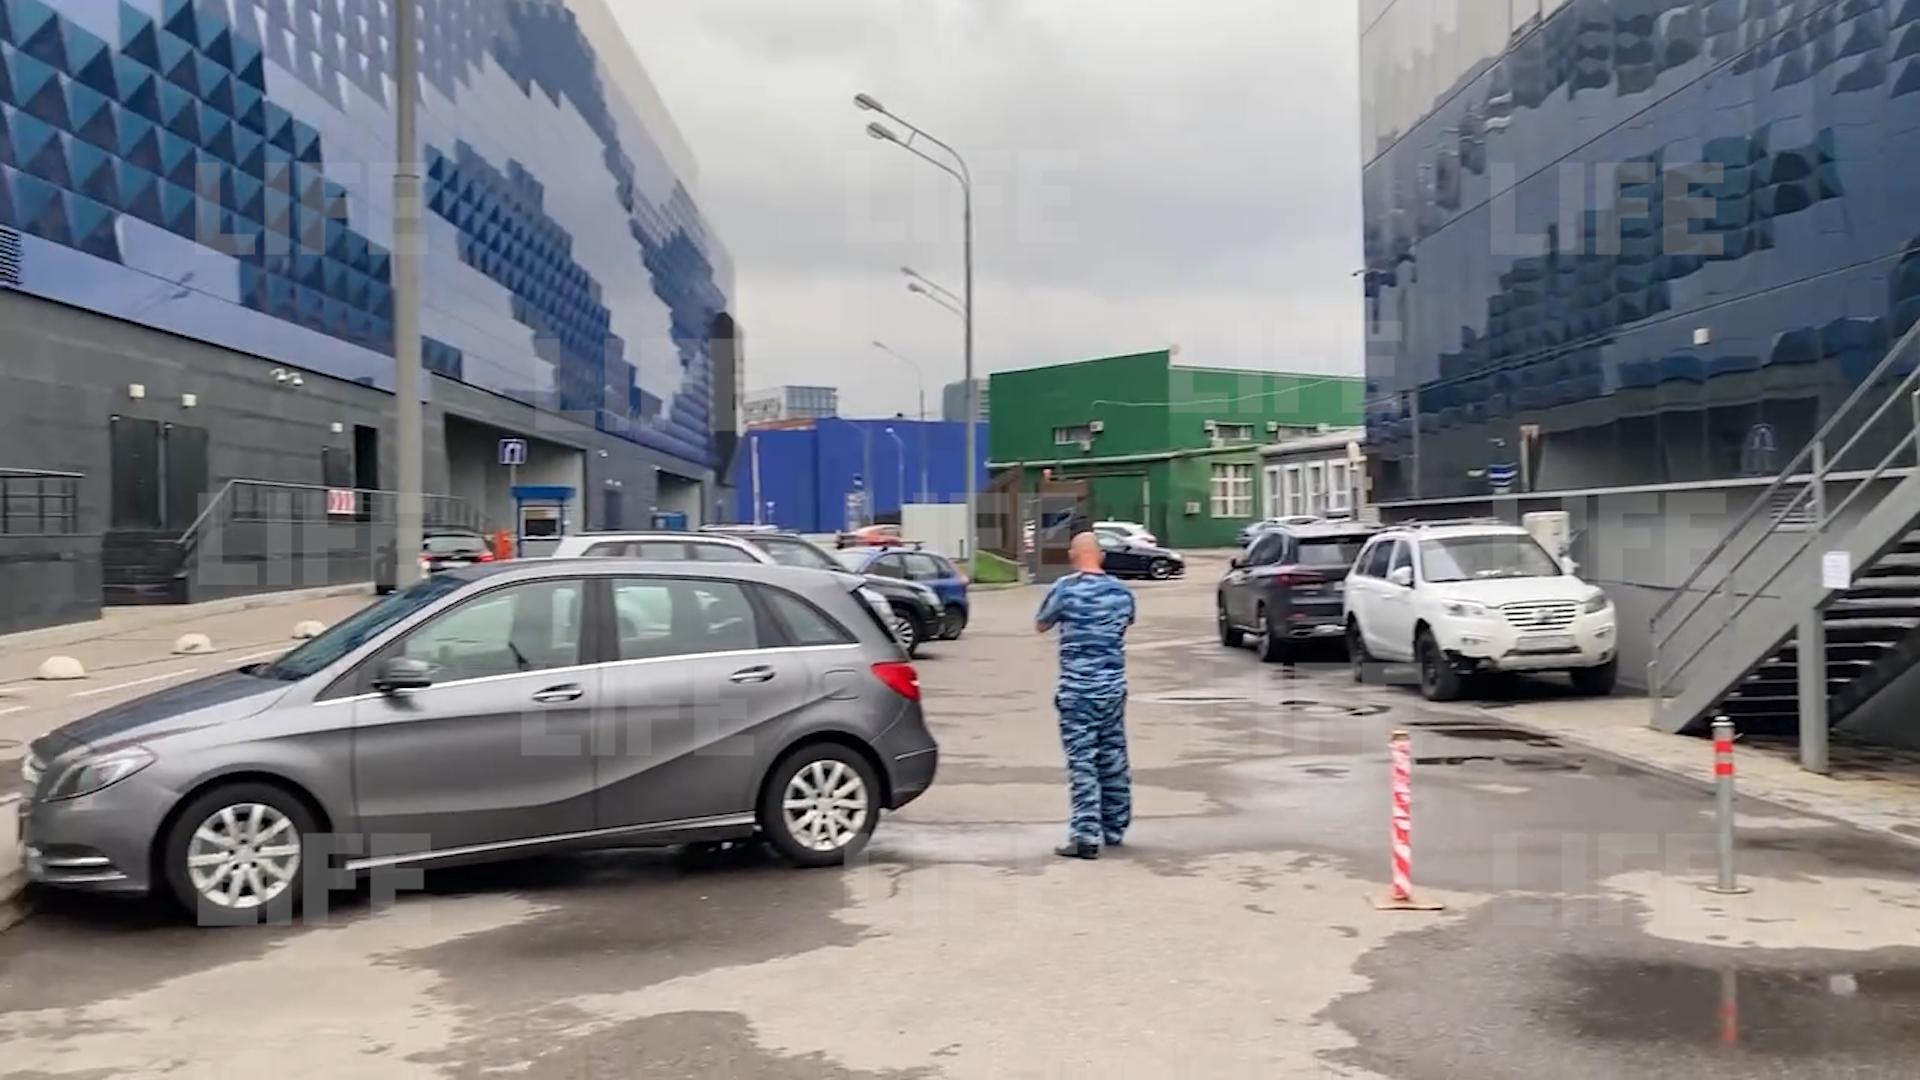 В скандальной московской клинике 'Медицина 24/7' отрицают проведение обысков